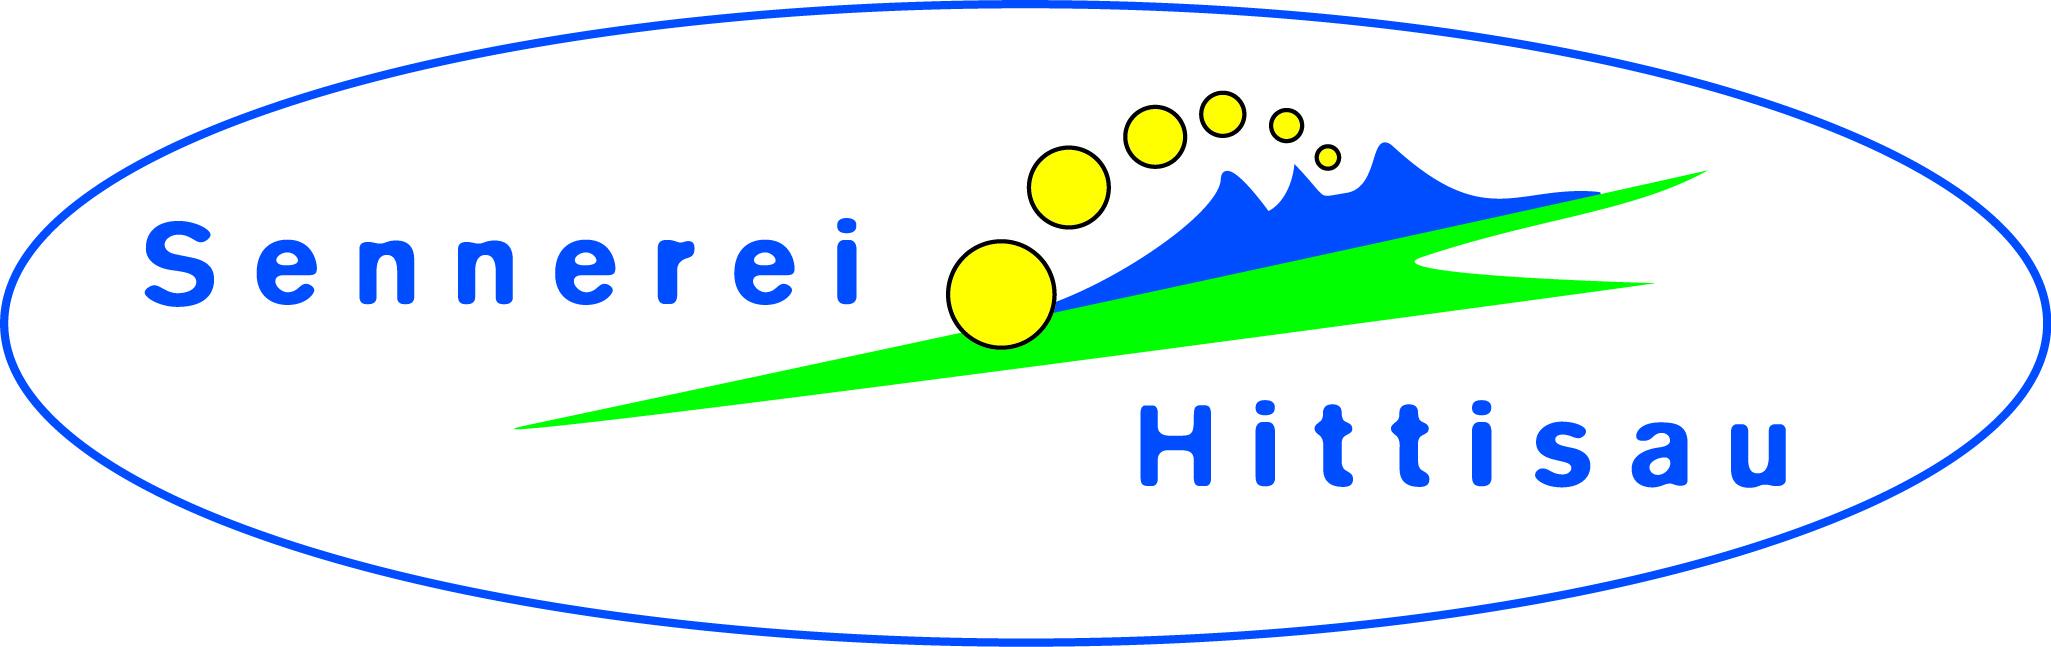 Sennerei Hittisau_Logo